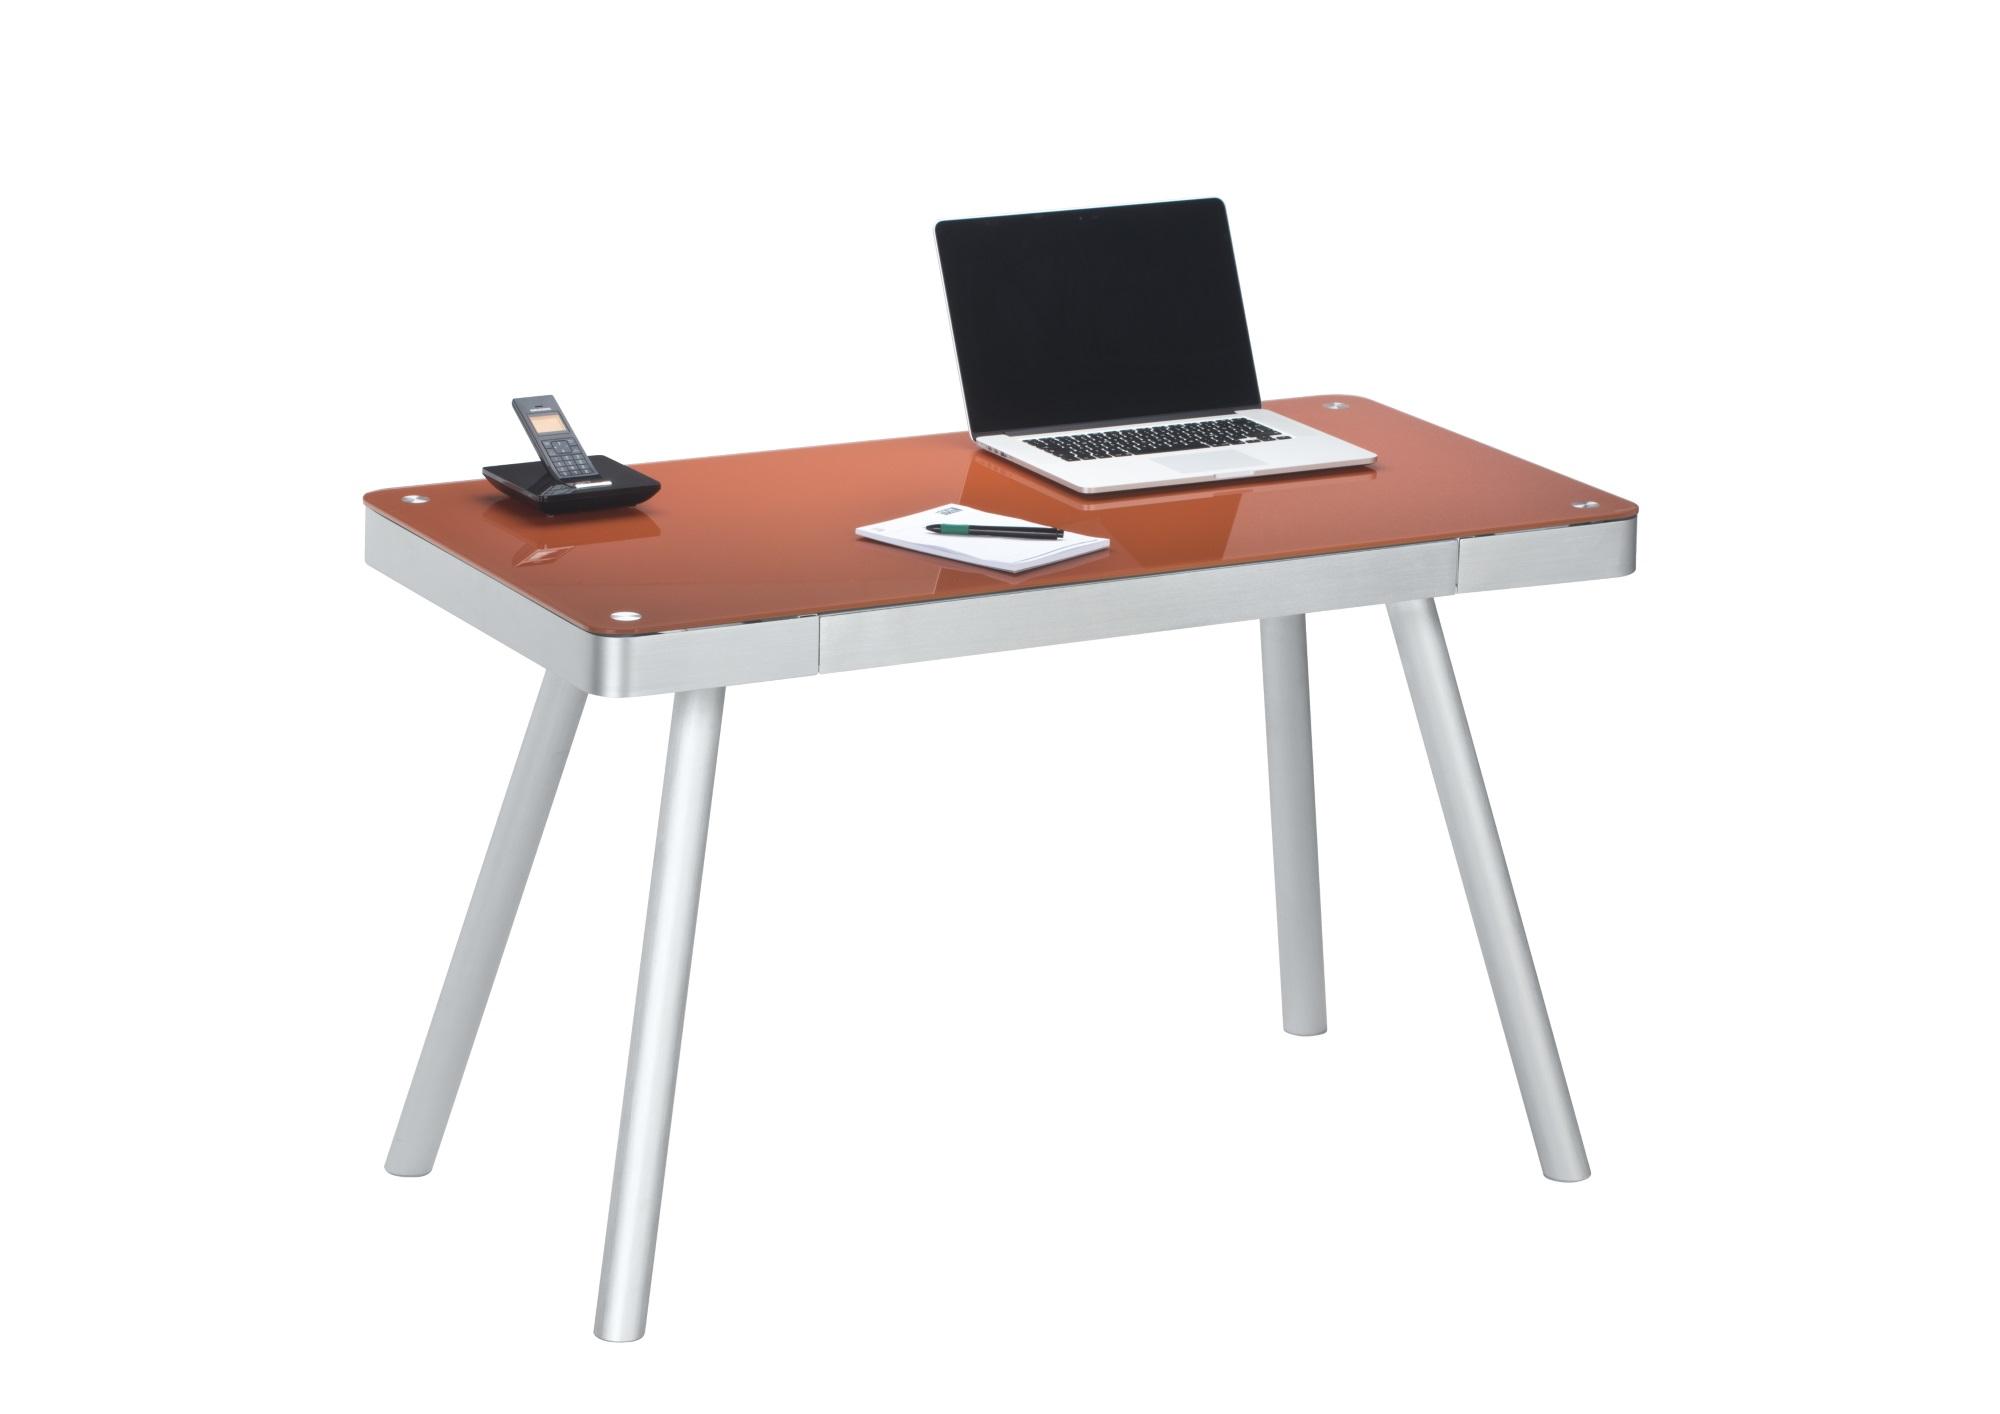 Bureau informatique design métal et verre coloris rouge pastel harty